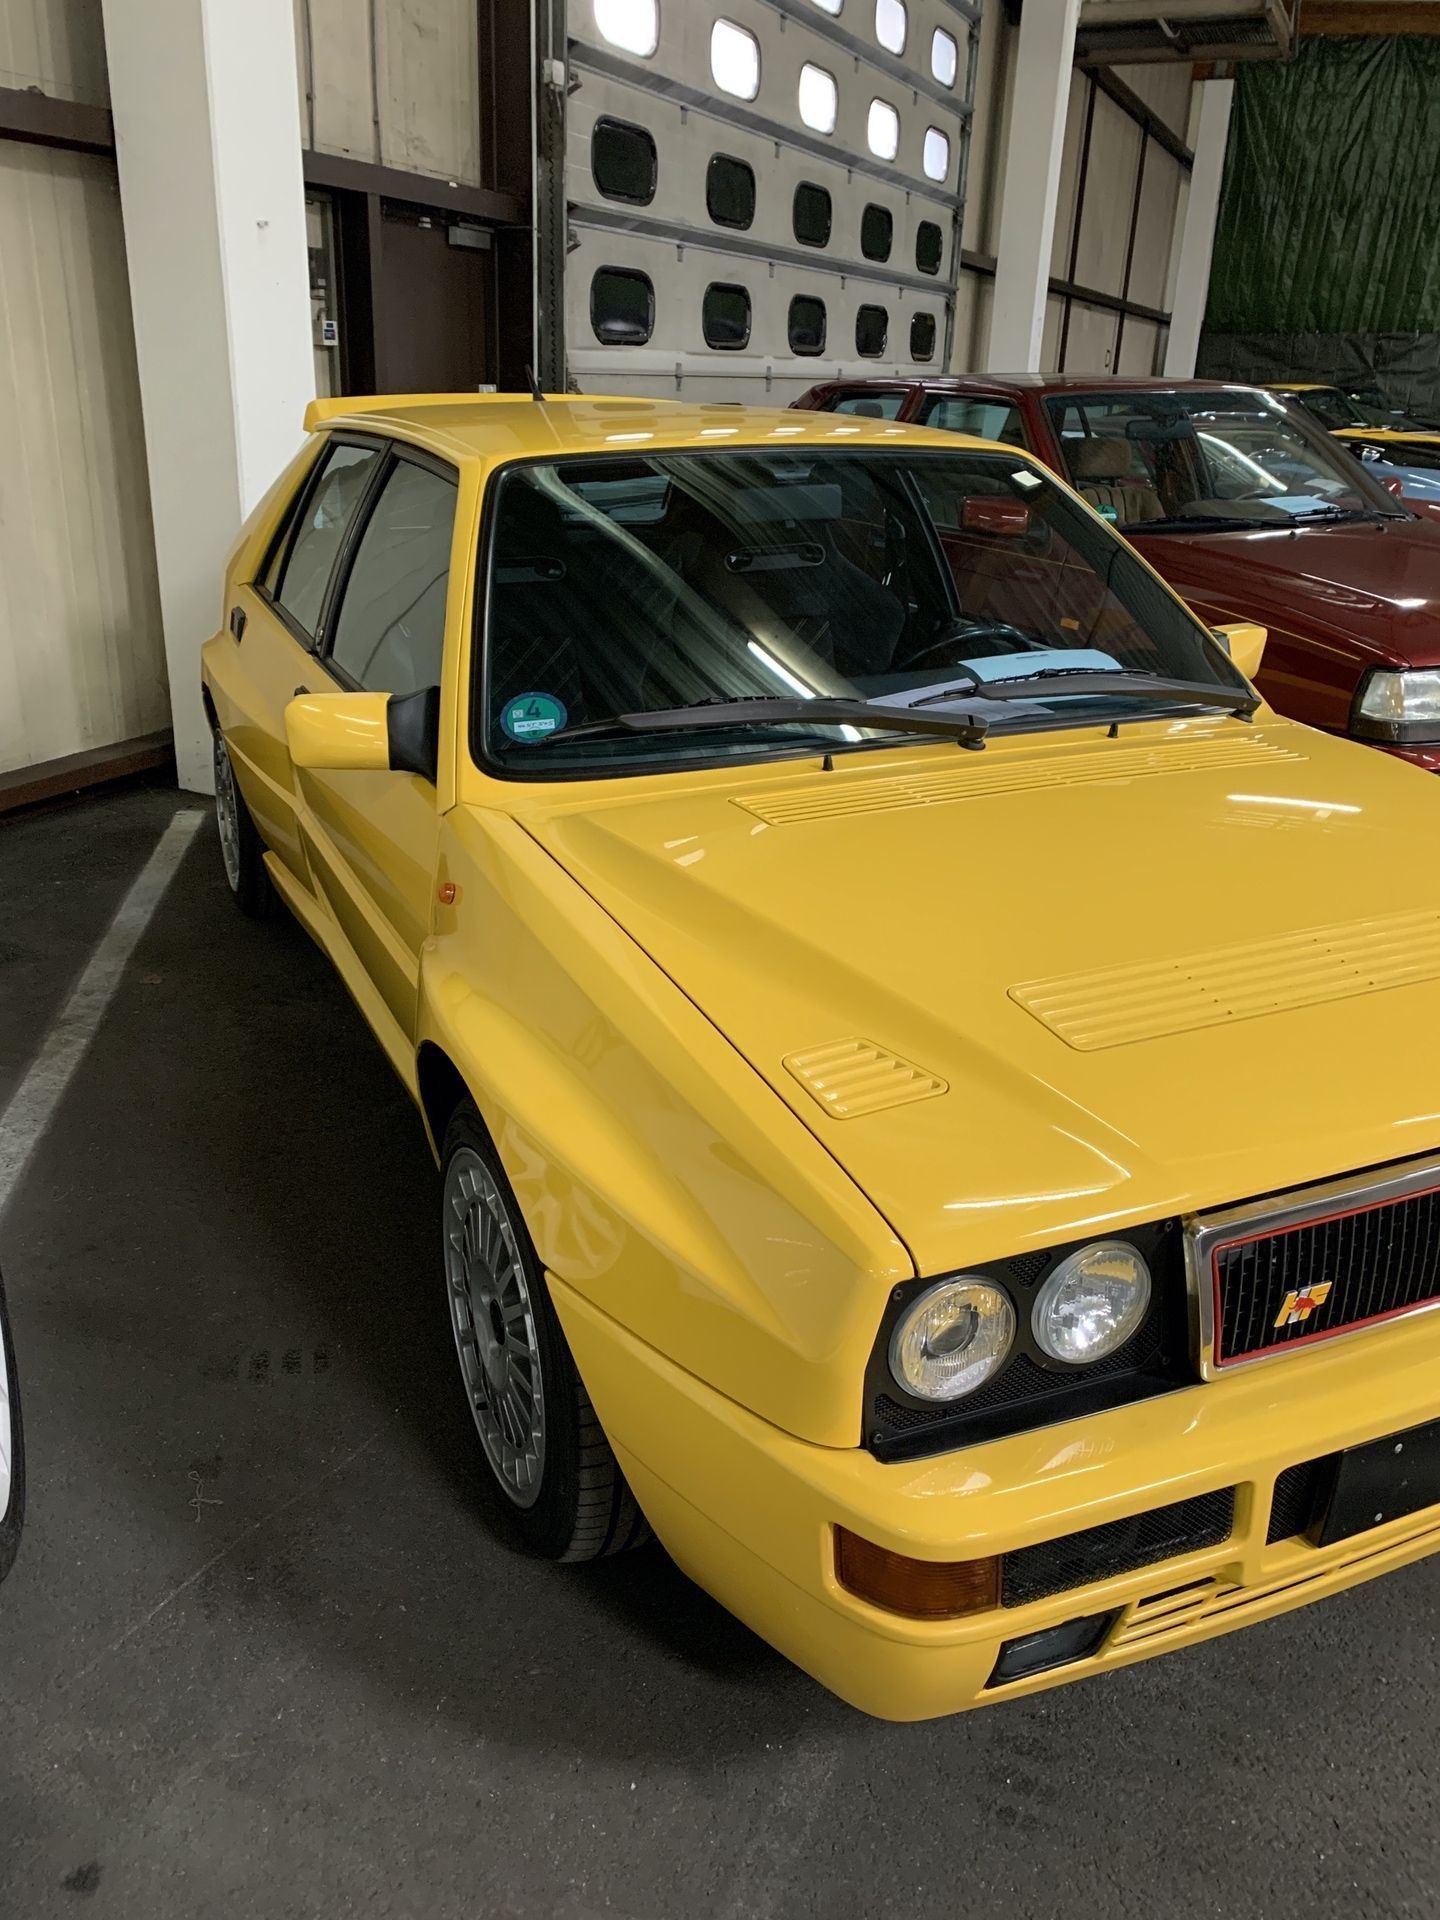 1993-Lancia-Delta-HF-Integrale-Evoluzione-II-_33